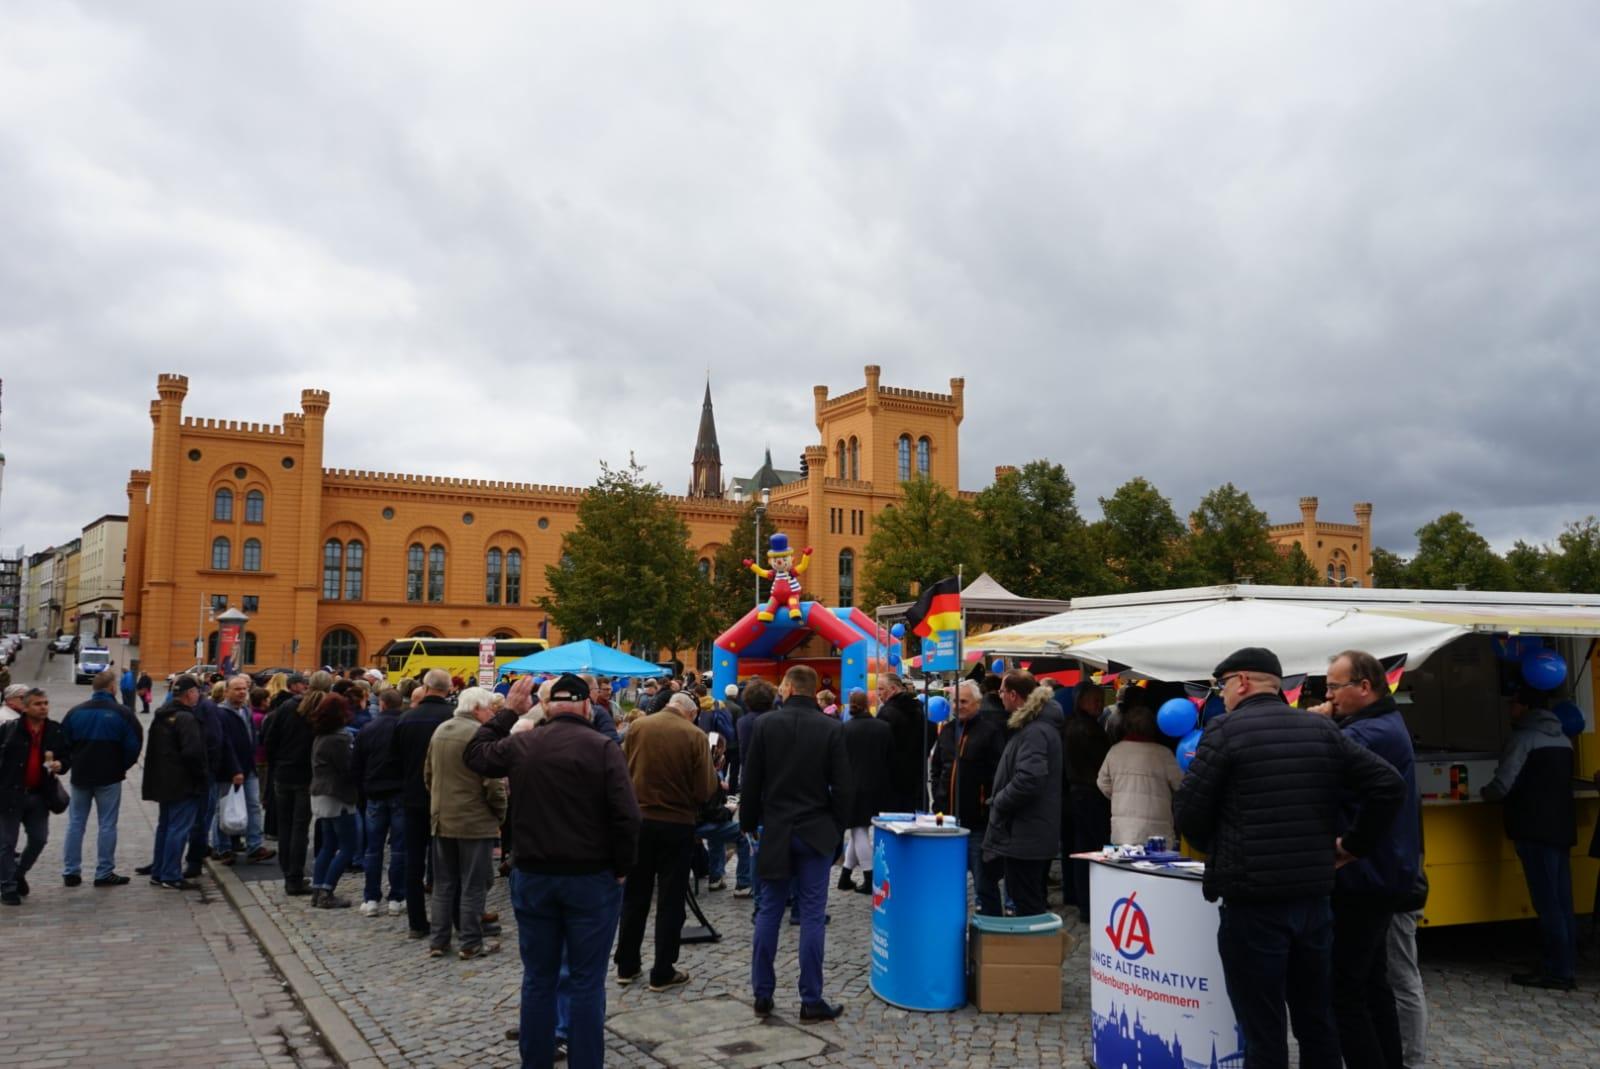 Einheitsfeiern in Schwerin: Paulskirche und Pfaffenteich